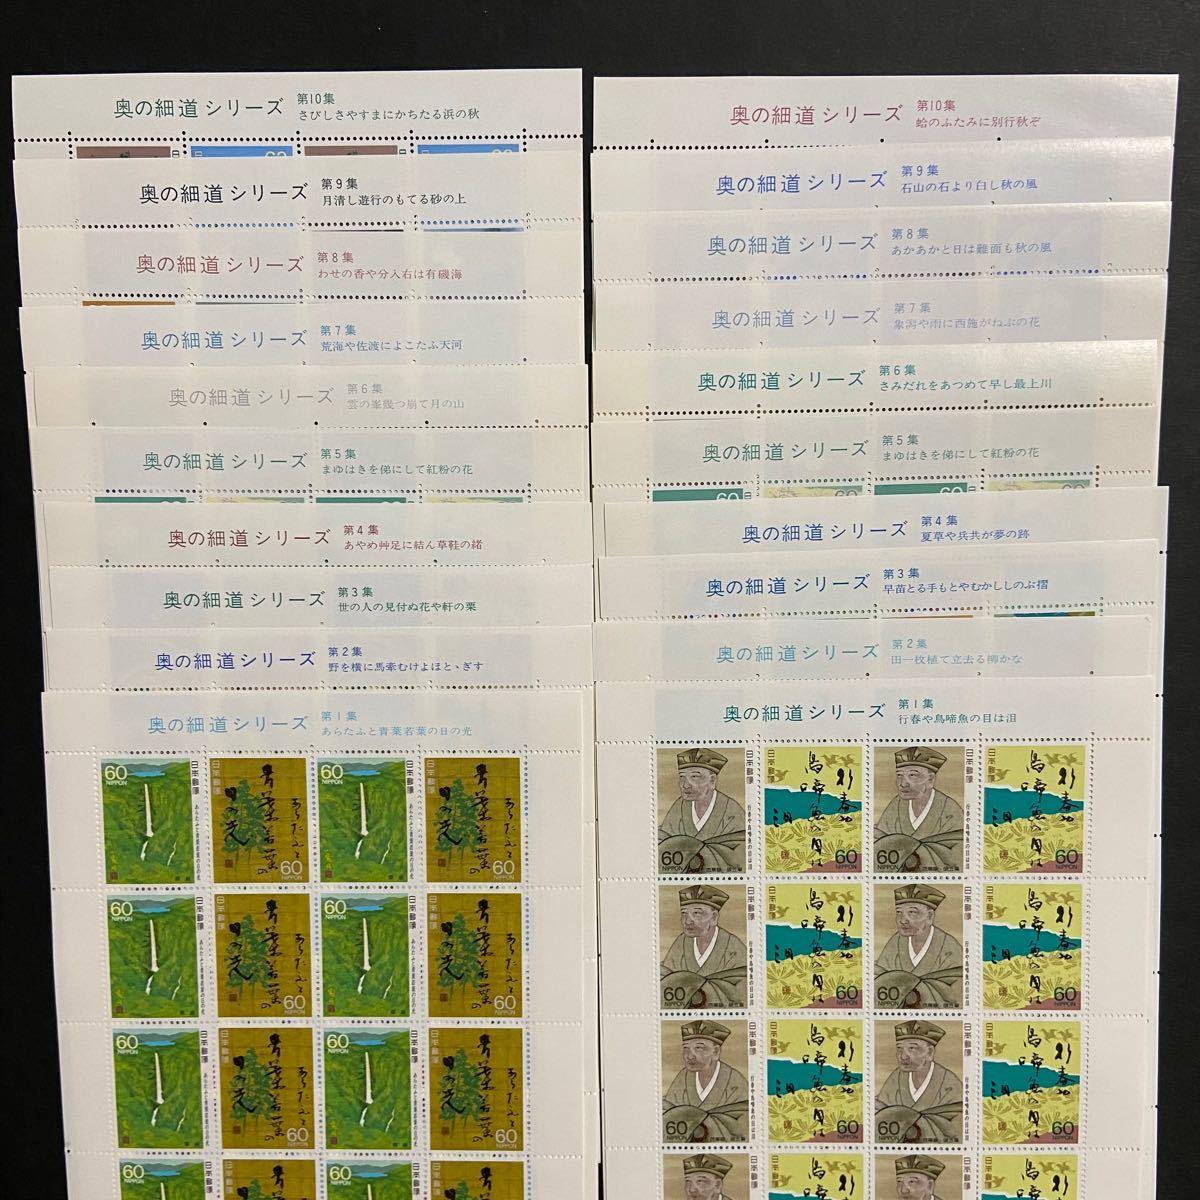 切手 シート 奥の細道 第1集から第10集 完